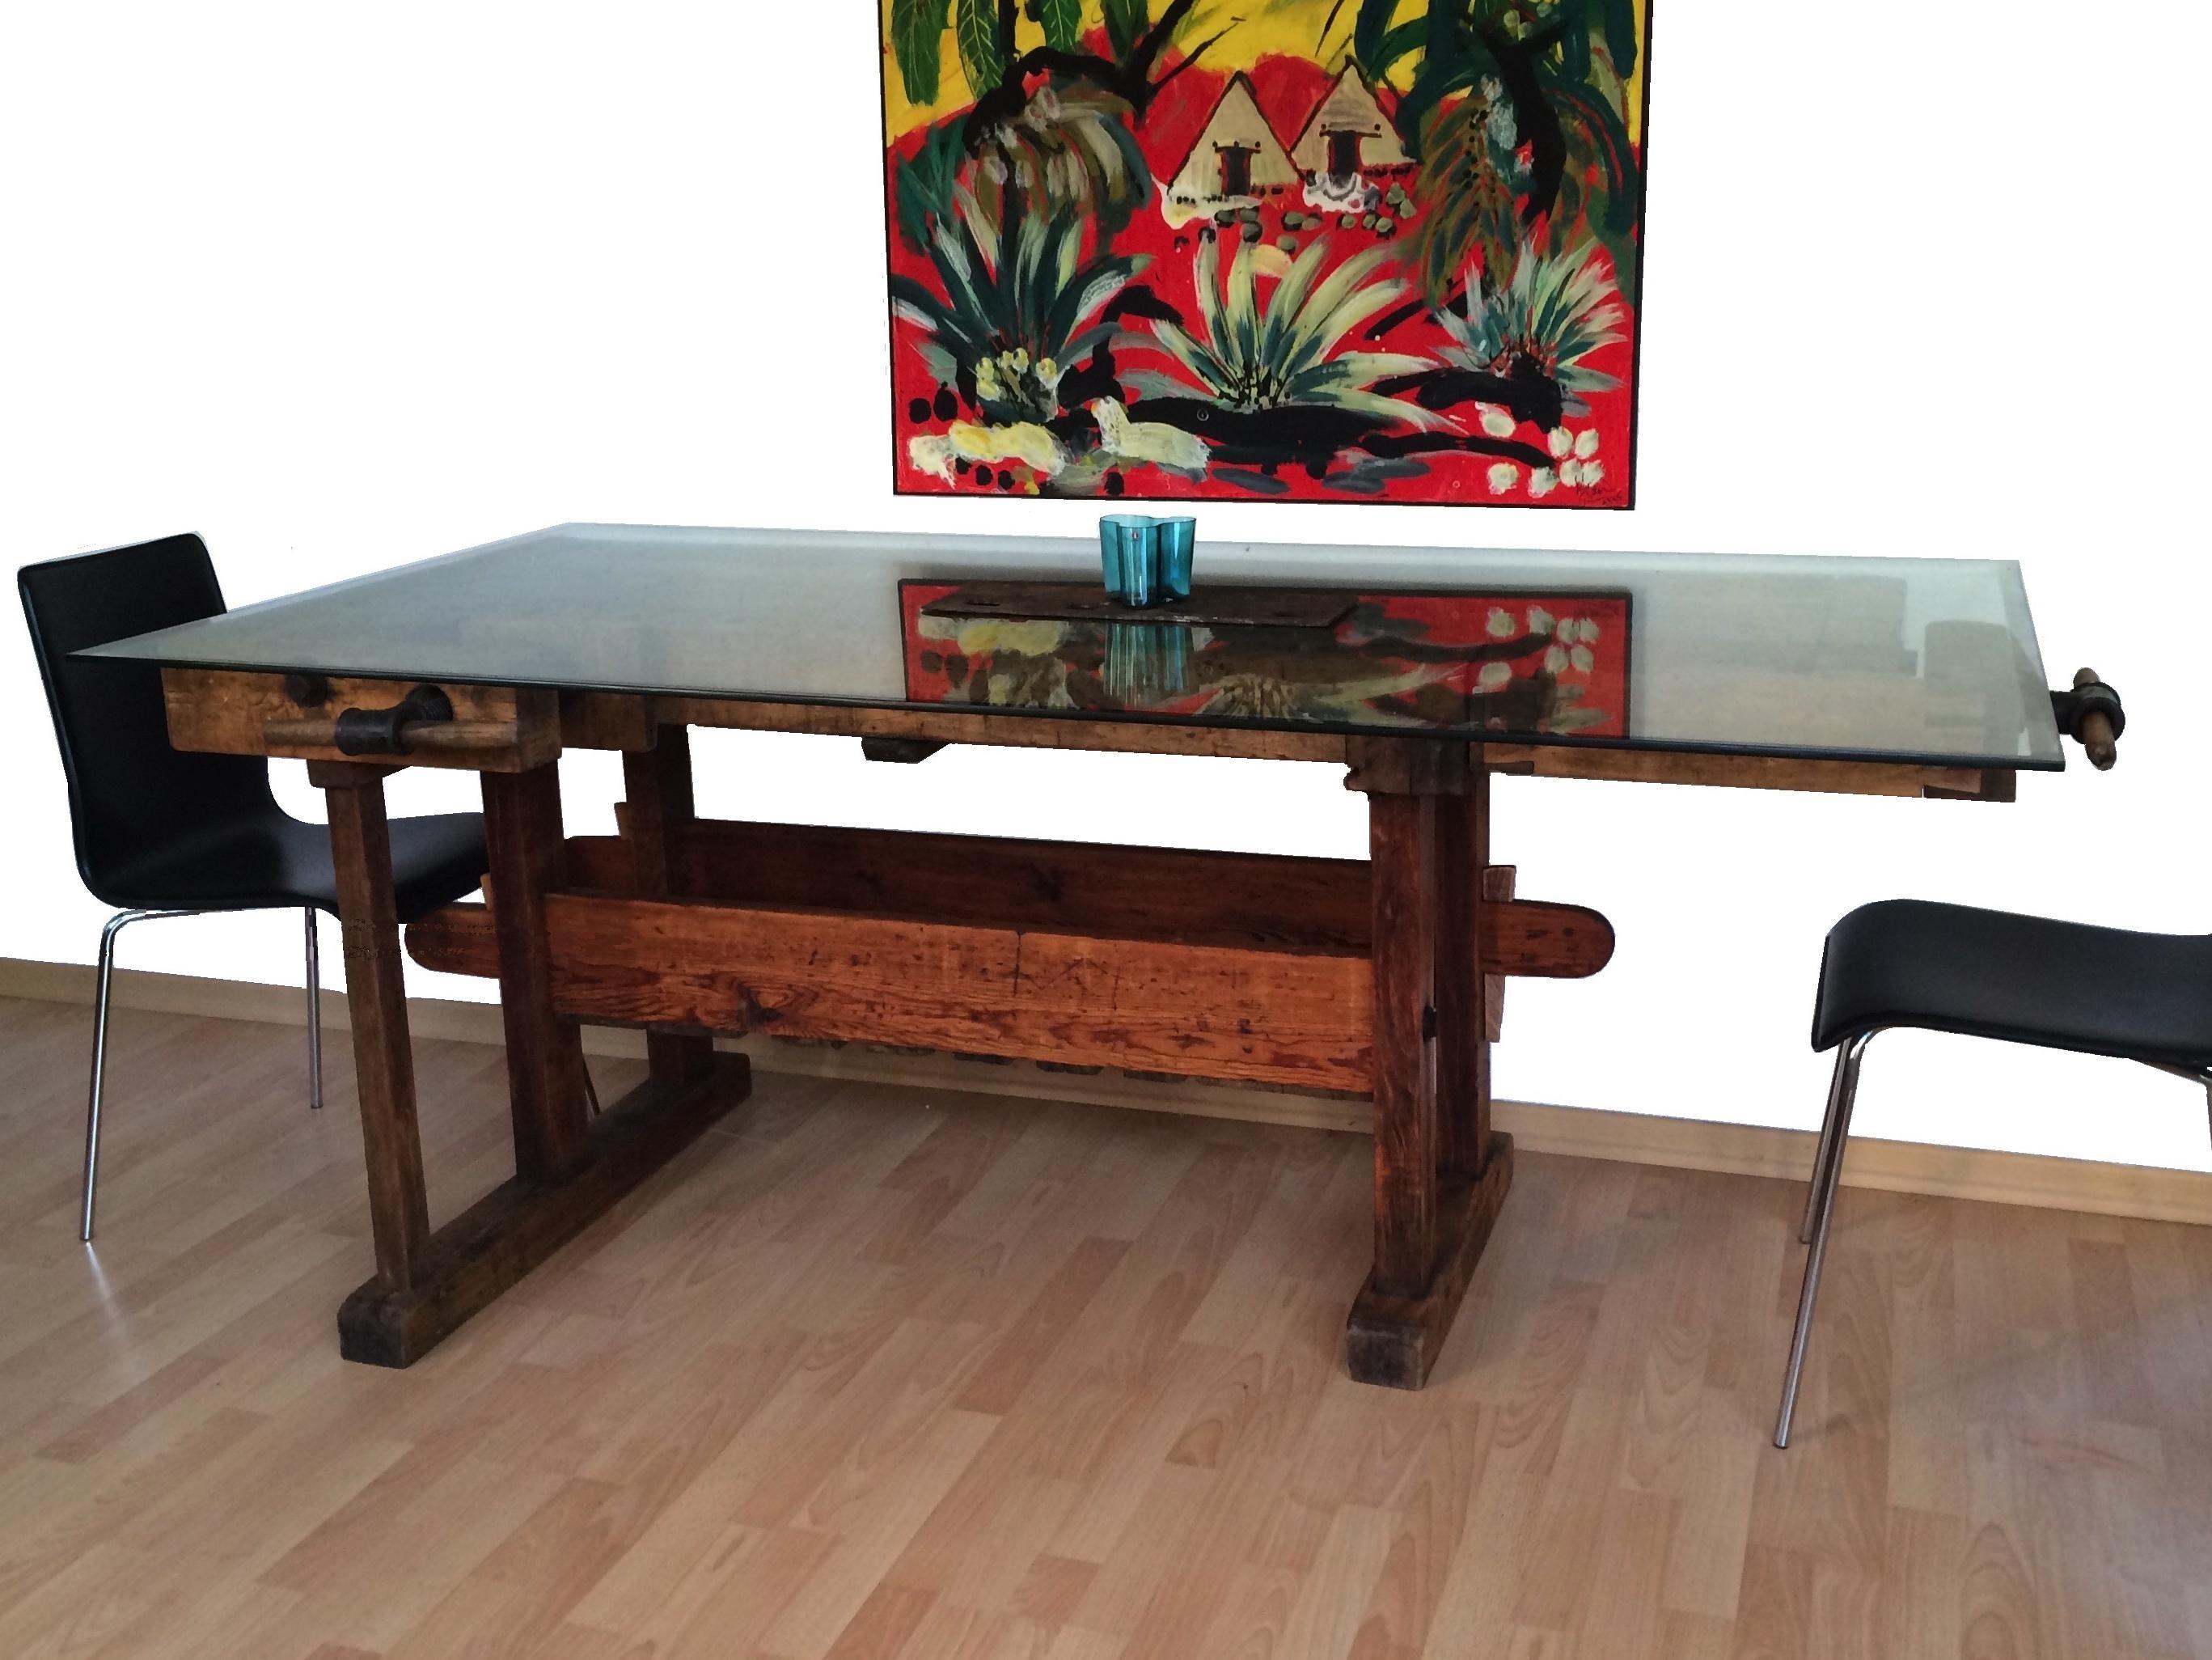 outdoor k che aus hobelbank tisch outdoor k che metall. Black Bedroom Furniture Sets. Home Design Ideas